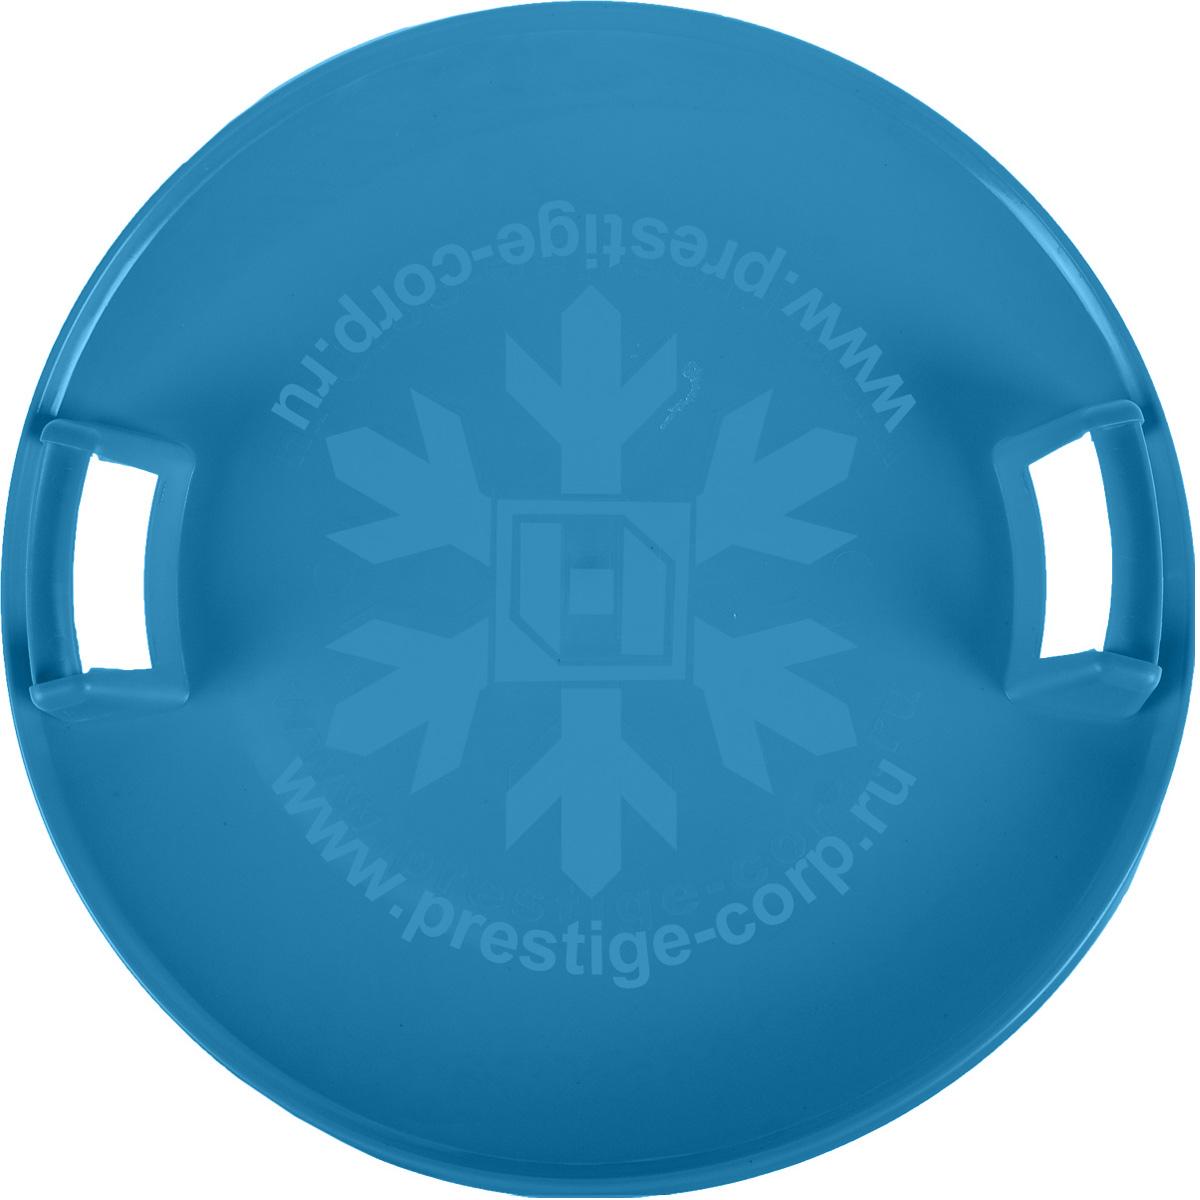 """Санки-ледянки Престиж """"Экстрим"""", с пластиковыми ручками, цвет: голубой, диаметр 58 см 336911"""